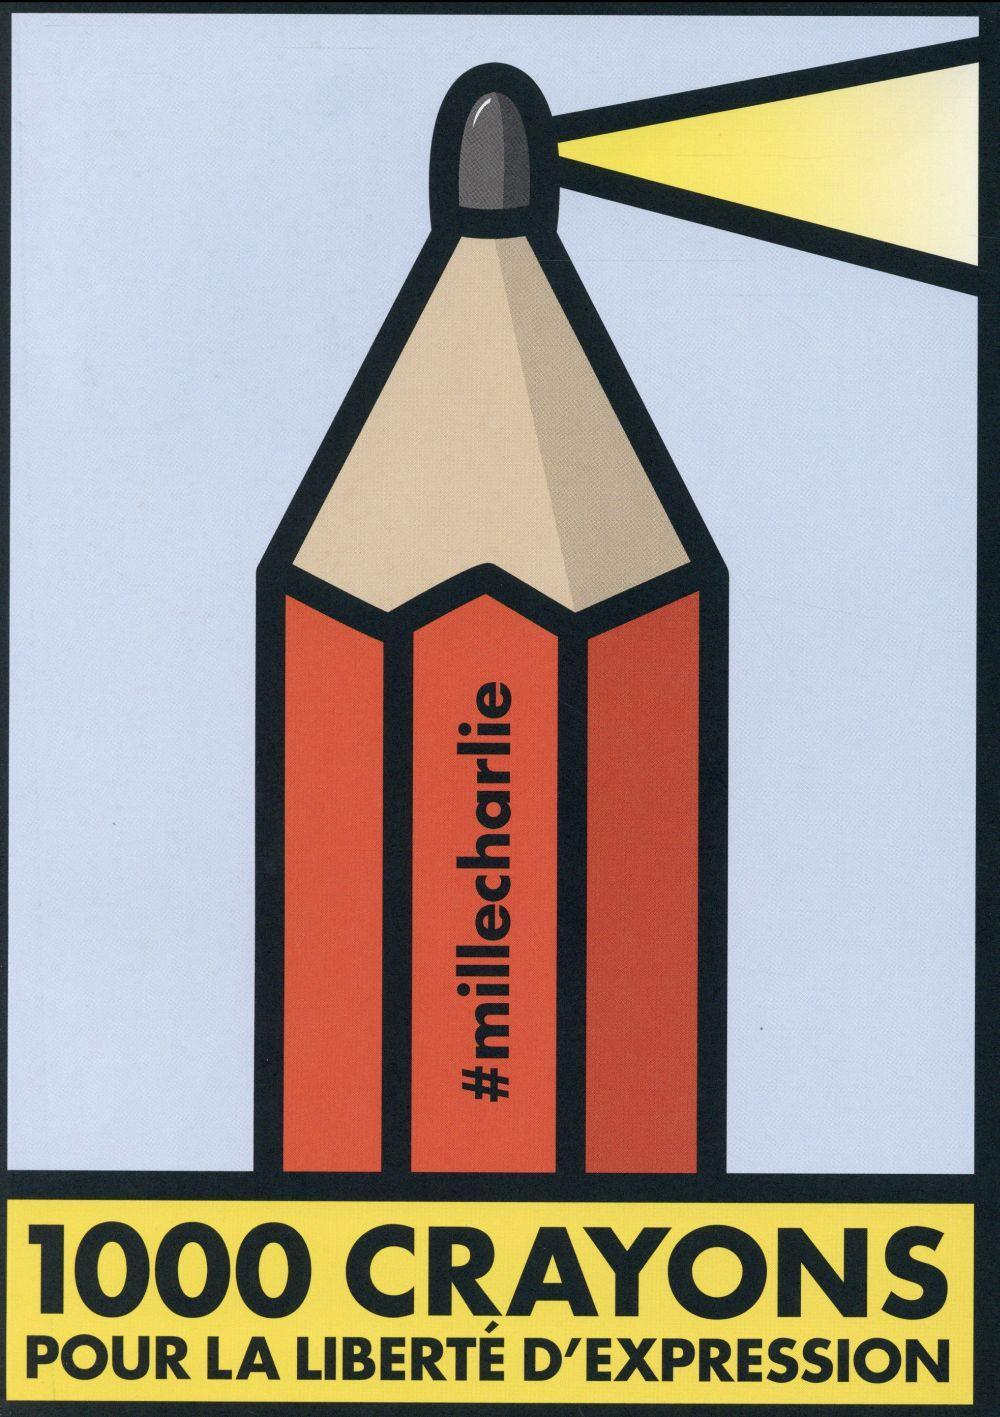 1000 crayons pour la liberté d'expression - Dominique Cardon - Michel Bouvet